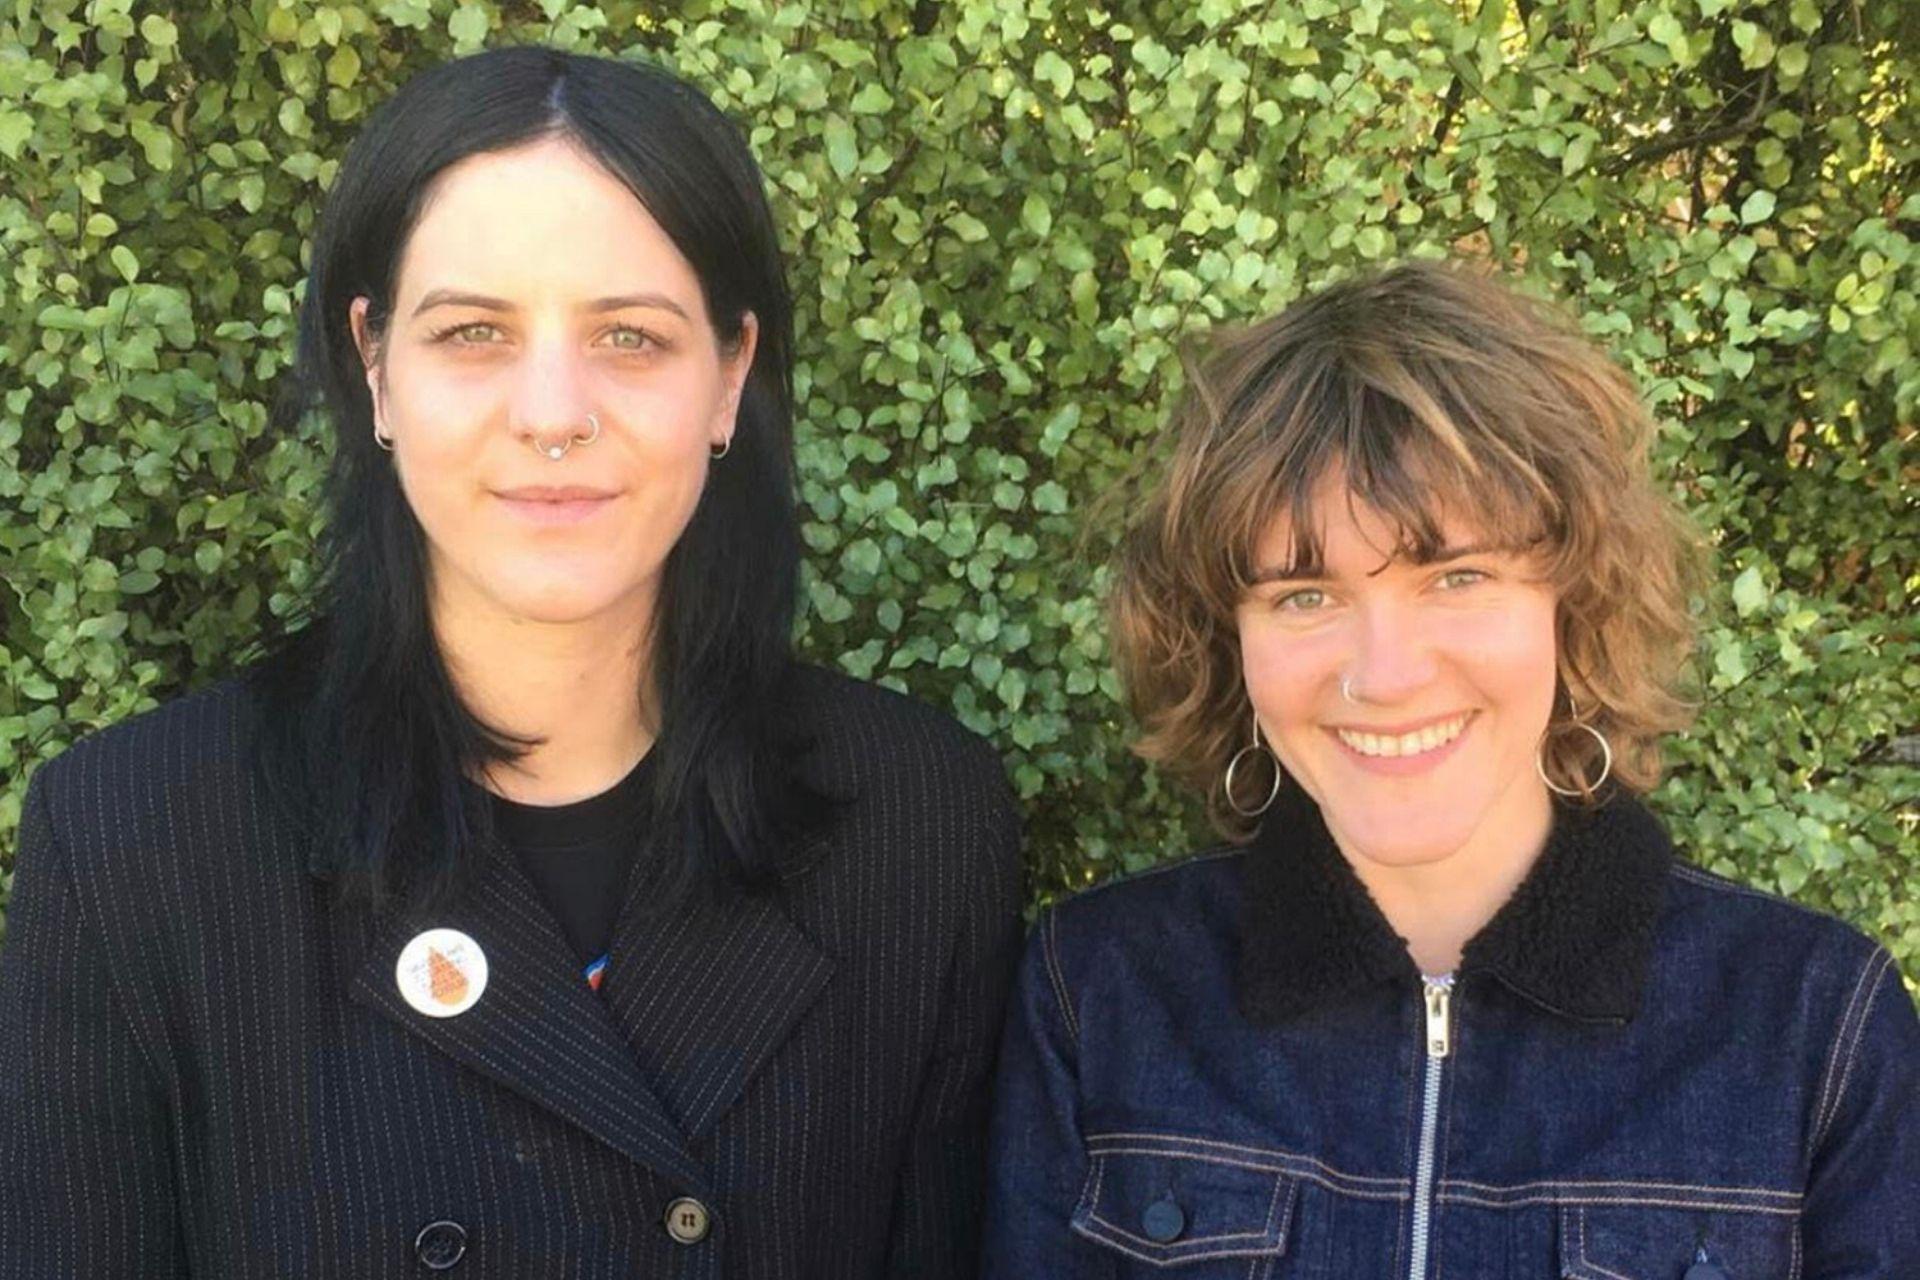 Courtney Sanders and Kelly Elkin